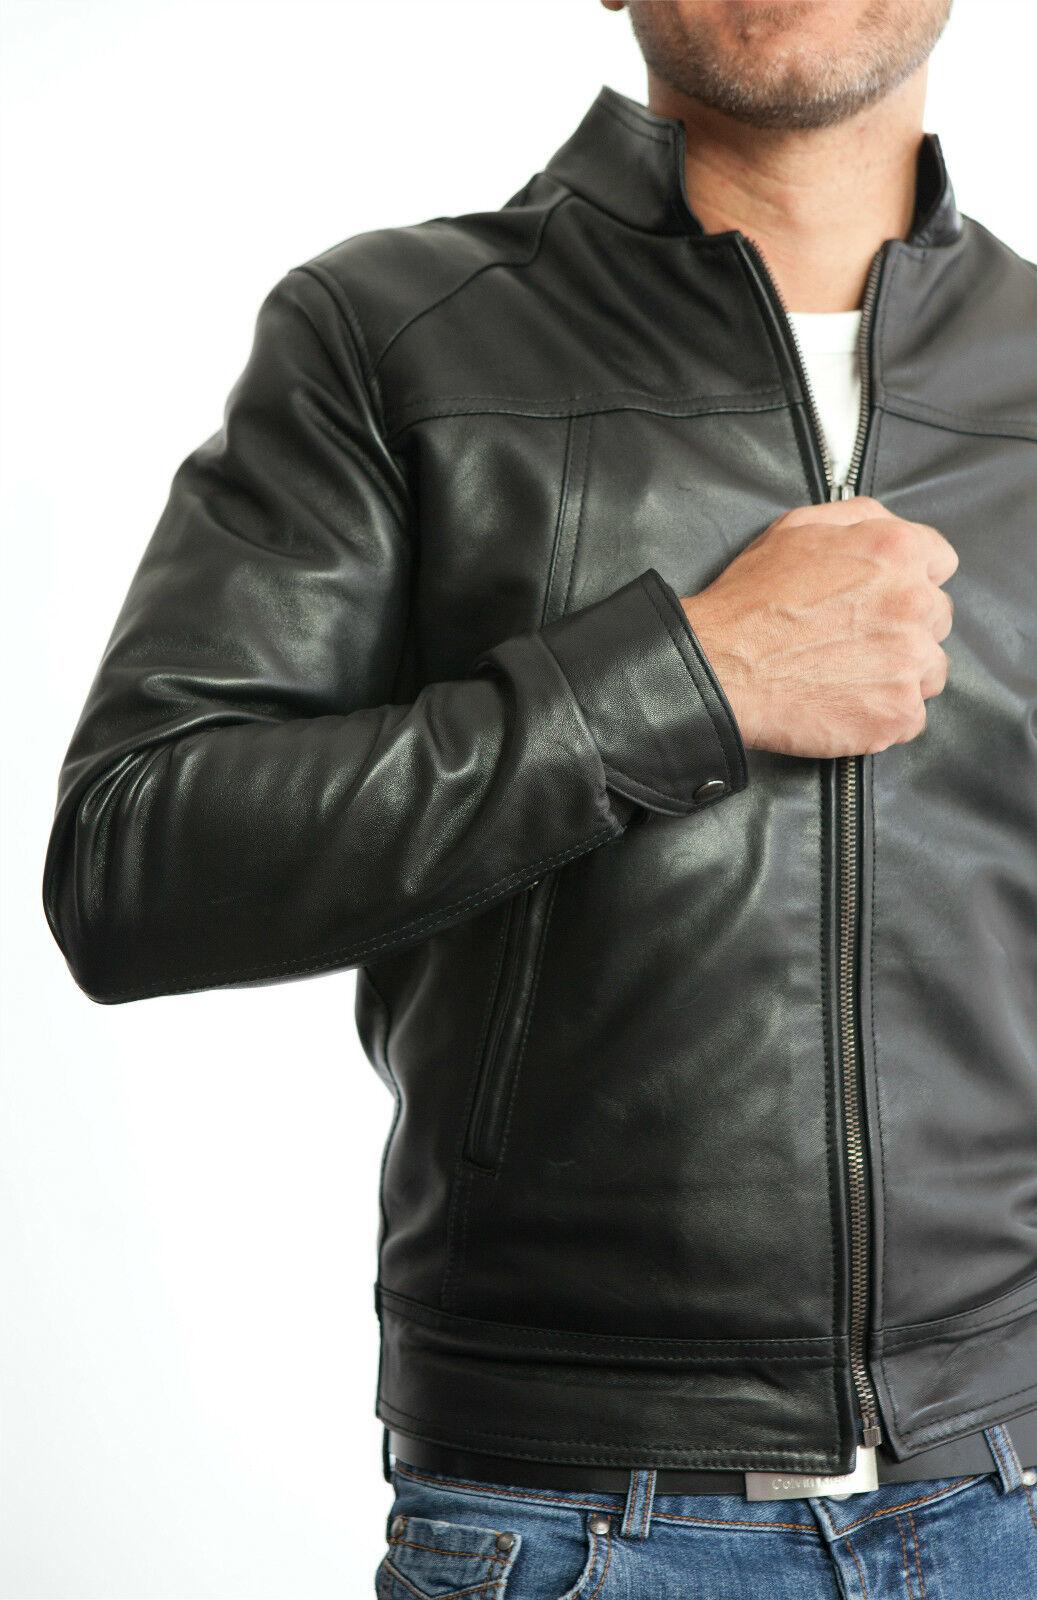 bc86fc3e51 DE Herren kabát Lederjacke En Biker férfi bőr 100 nadrág kabát Homme Veste  En cuir 3s5a